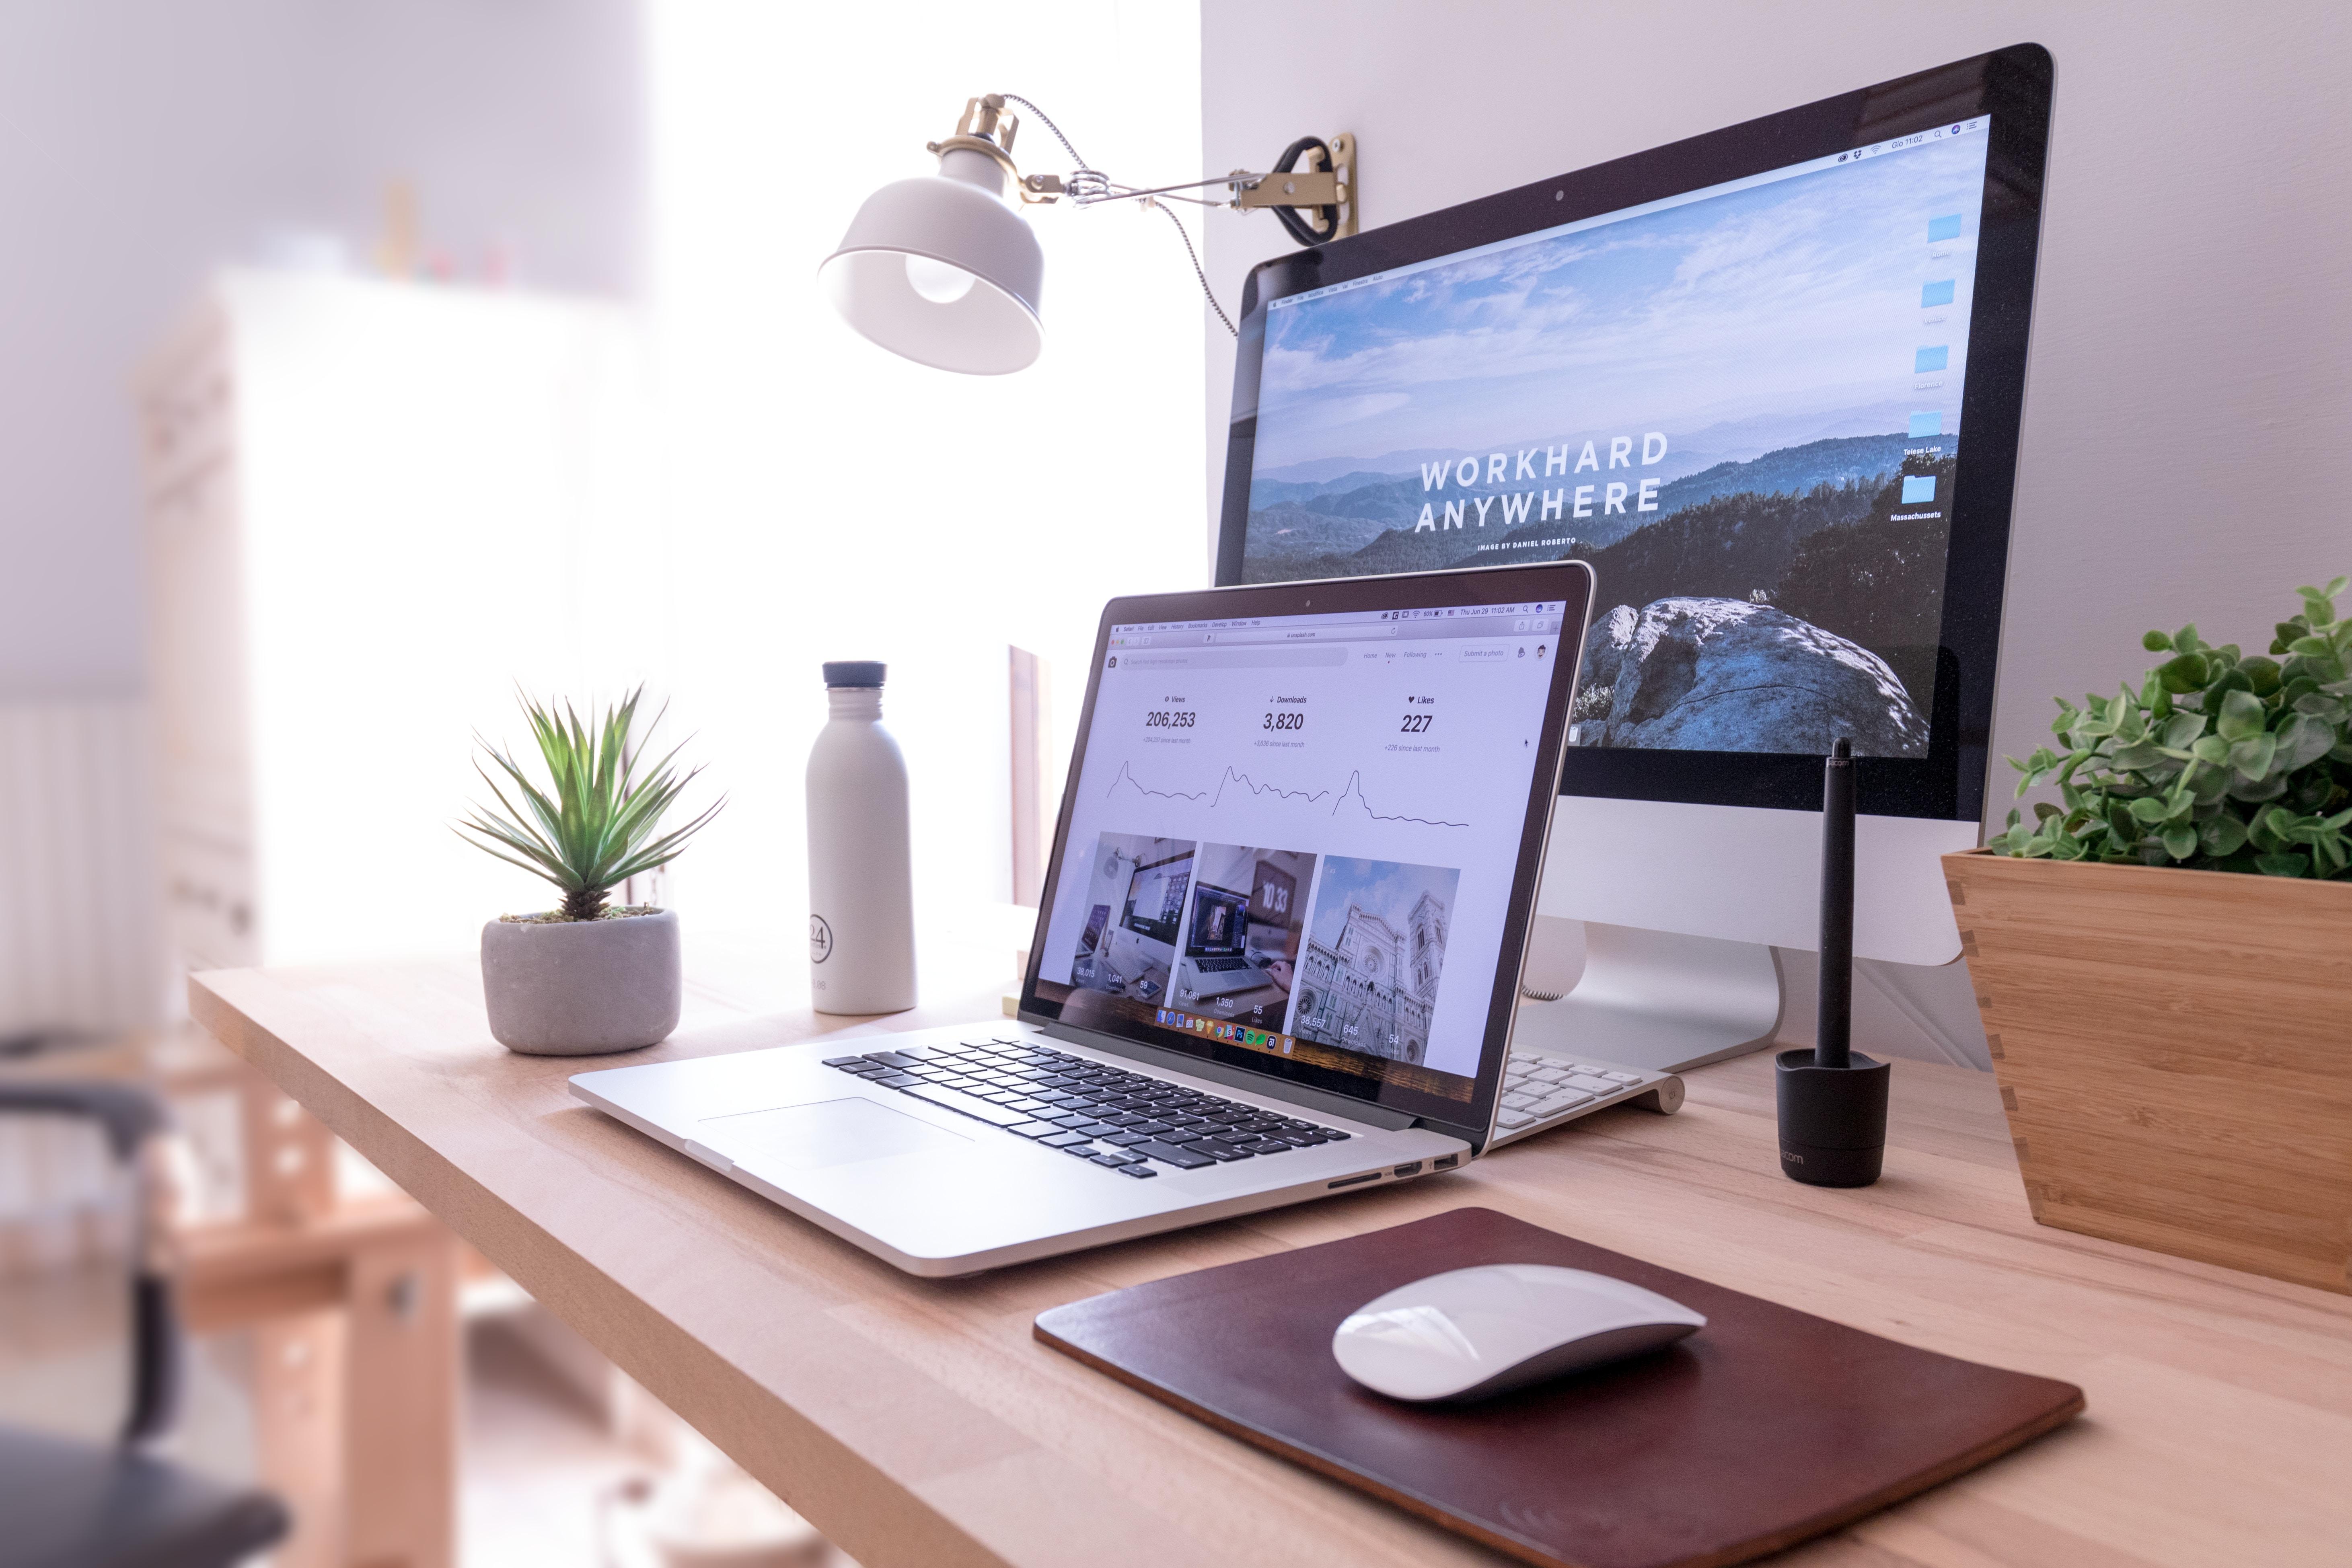 E-mail marketing platforms